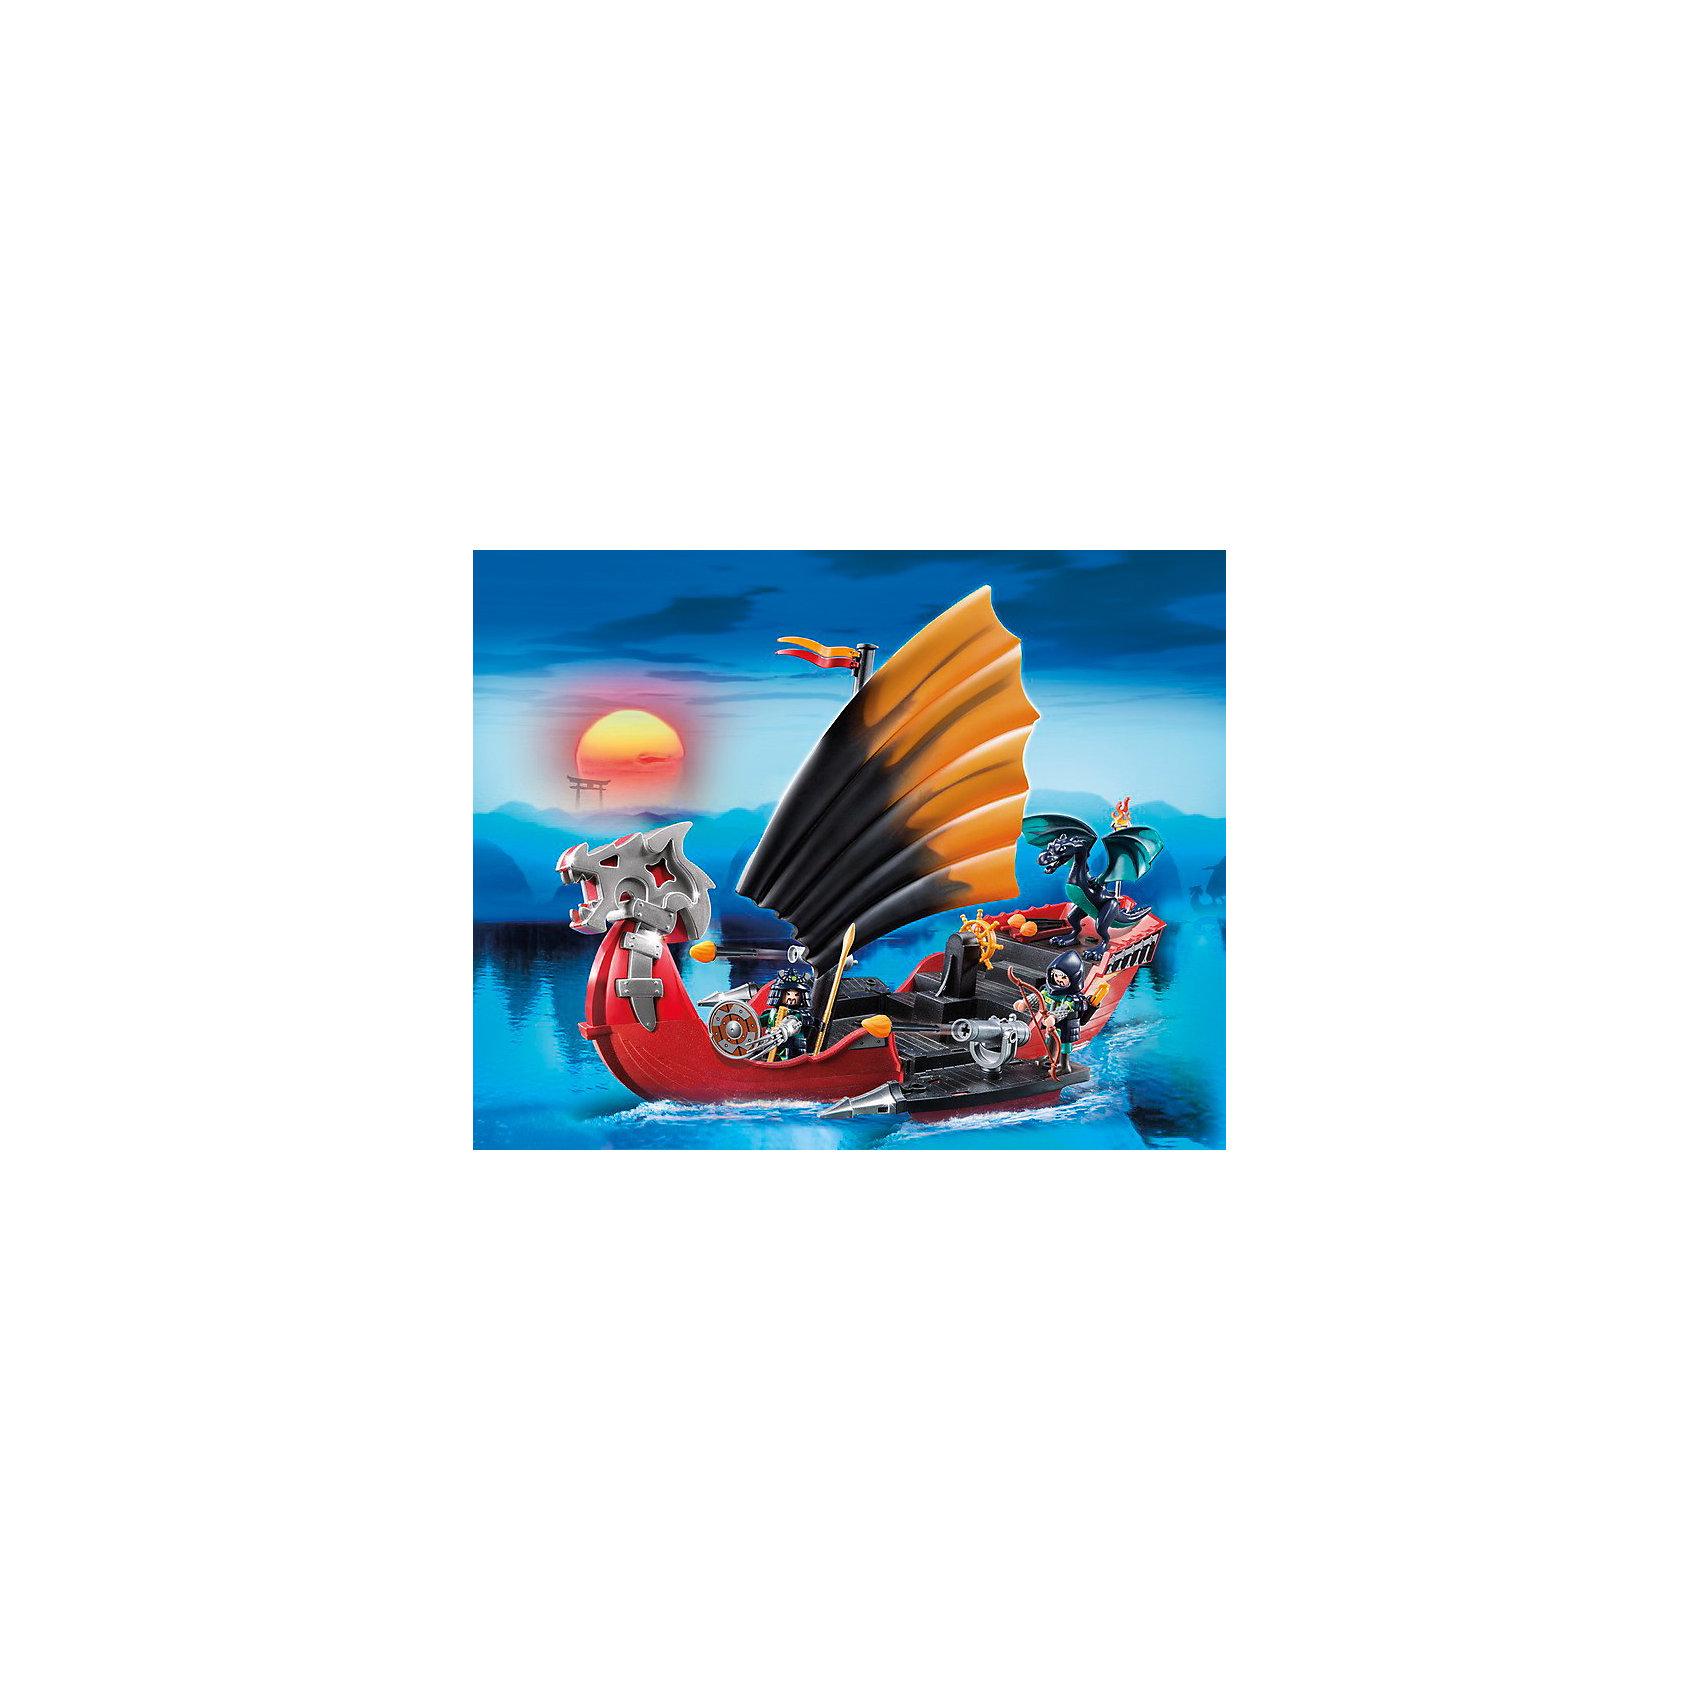 PLAYMOBIL 5481 Азиатский дракон: Корабль ДраконаДраконы и динозавры<br>Набор PLAYMOBIL 5481 - это большой мощный боевой корабль дракона с двумя воинами в доспехах и драконом. Корабль выполнен в азиатском стиле и оснащен большим парусом. В наборе много оружия, а также пушки, стреляющие огненными снарядами. Корабль можно дополнить навесным набором. Новый маленький дракон полностью подвижен.<br><br>Корабль Дракона реально держится на воде - это прекрасная возможность взять его с собой  в ванну или на речку. Корабль Дракона - это боевое судно, способное атаковать врага стремительно и со всех сторон, по его бортам расположены стреляющие пушки. А мощная носовая часть позволяет идти на таран вражеских кораблей. На палубе найдется место и для размещения мобильной десантной группы.<br>Корабль дракона можно оснастить подводным мотором № 5159 (покупается отдельно). <br><br>Дополнительная информация:<br><br>- В комплекте: боевой корабль, маленький дракон с крыльями, два воина с оружием;<br>- Материал: пластик;<br>- Размер упаковки: 50 х 15 х 40 см;<br>- Вес с упаковкой: 1,35 кг.<br><br>Азиатского дракона: Корабль дракона, PLAYMOBIL (Плеймобил) 5481  можно купить в нашем интернет-магазине.<br><br>Ширина мм: 500<br>Глубина мм: 400<br>Высота мм: 150<br>Вес г: 1350<br>Возраст от месяцев: 60<br>Возраст до месяцев: 144<br>Пол: Мужской<br>Возраст: Детский<br>SKU: 3553837